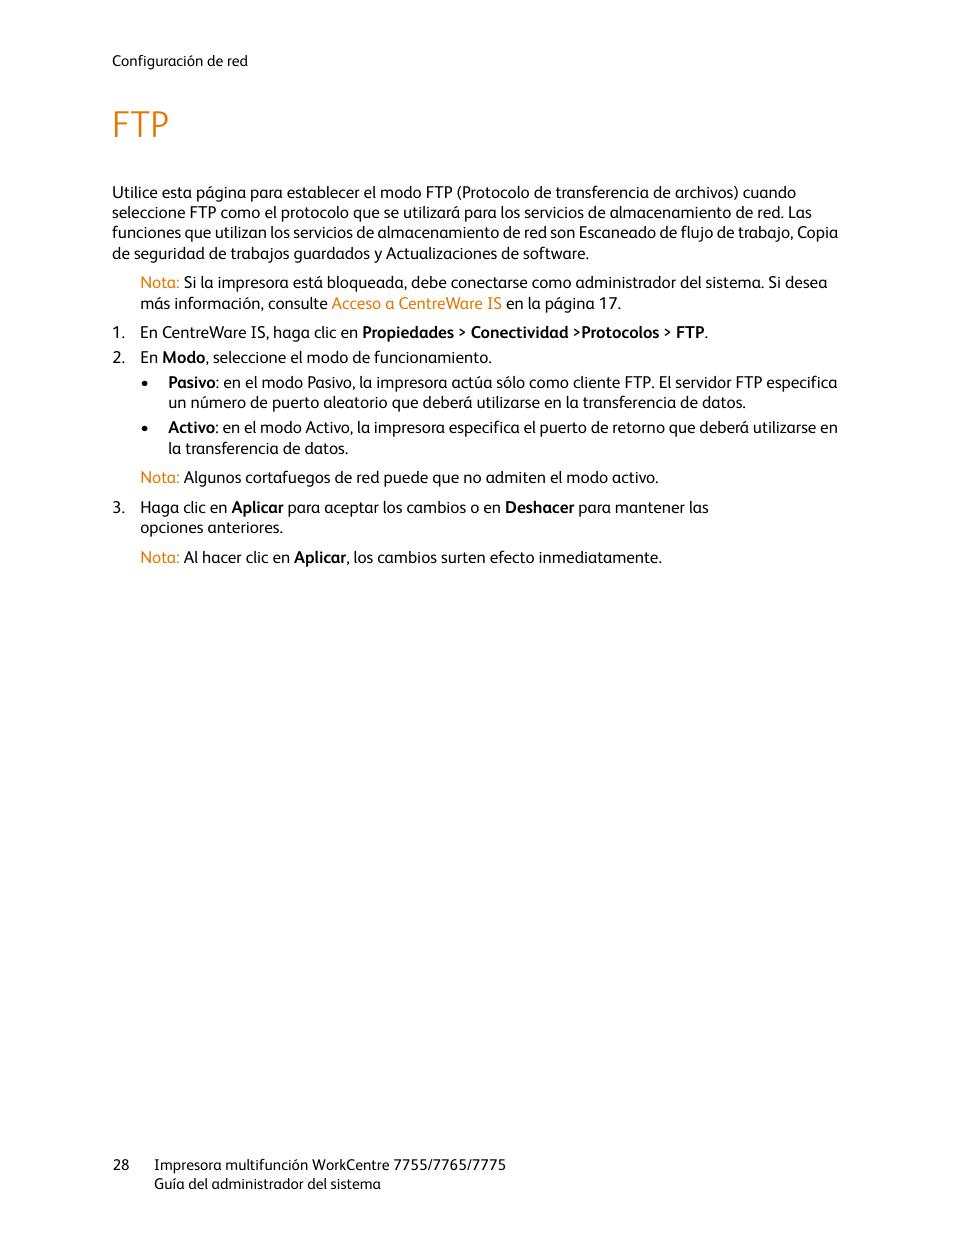 Xerox WorkCentre 7755-7765-7775 con EFI Fiery Controller